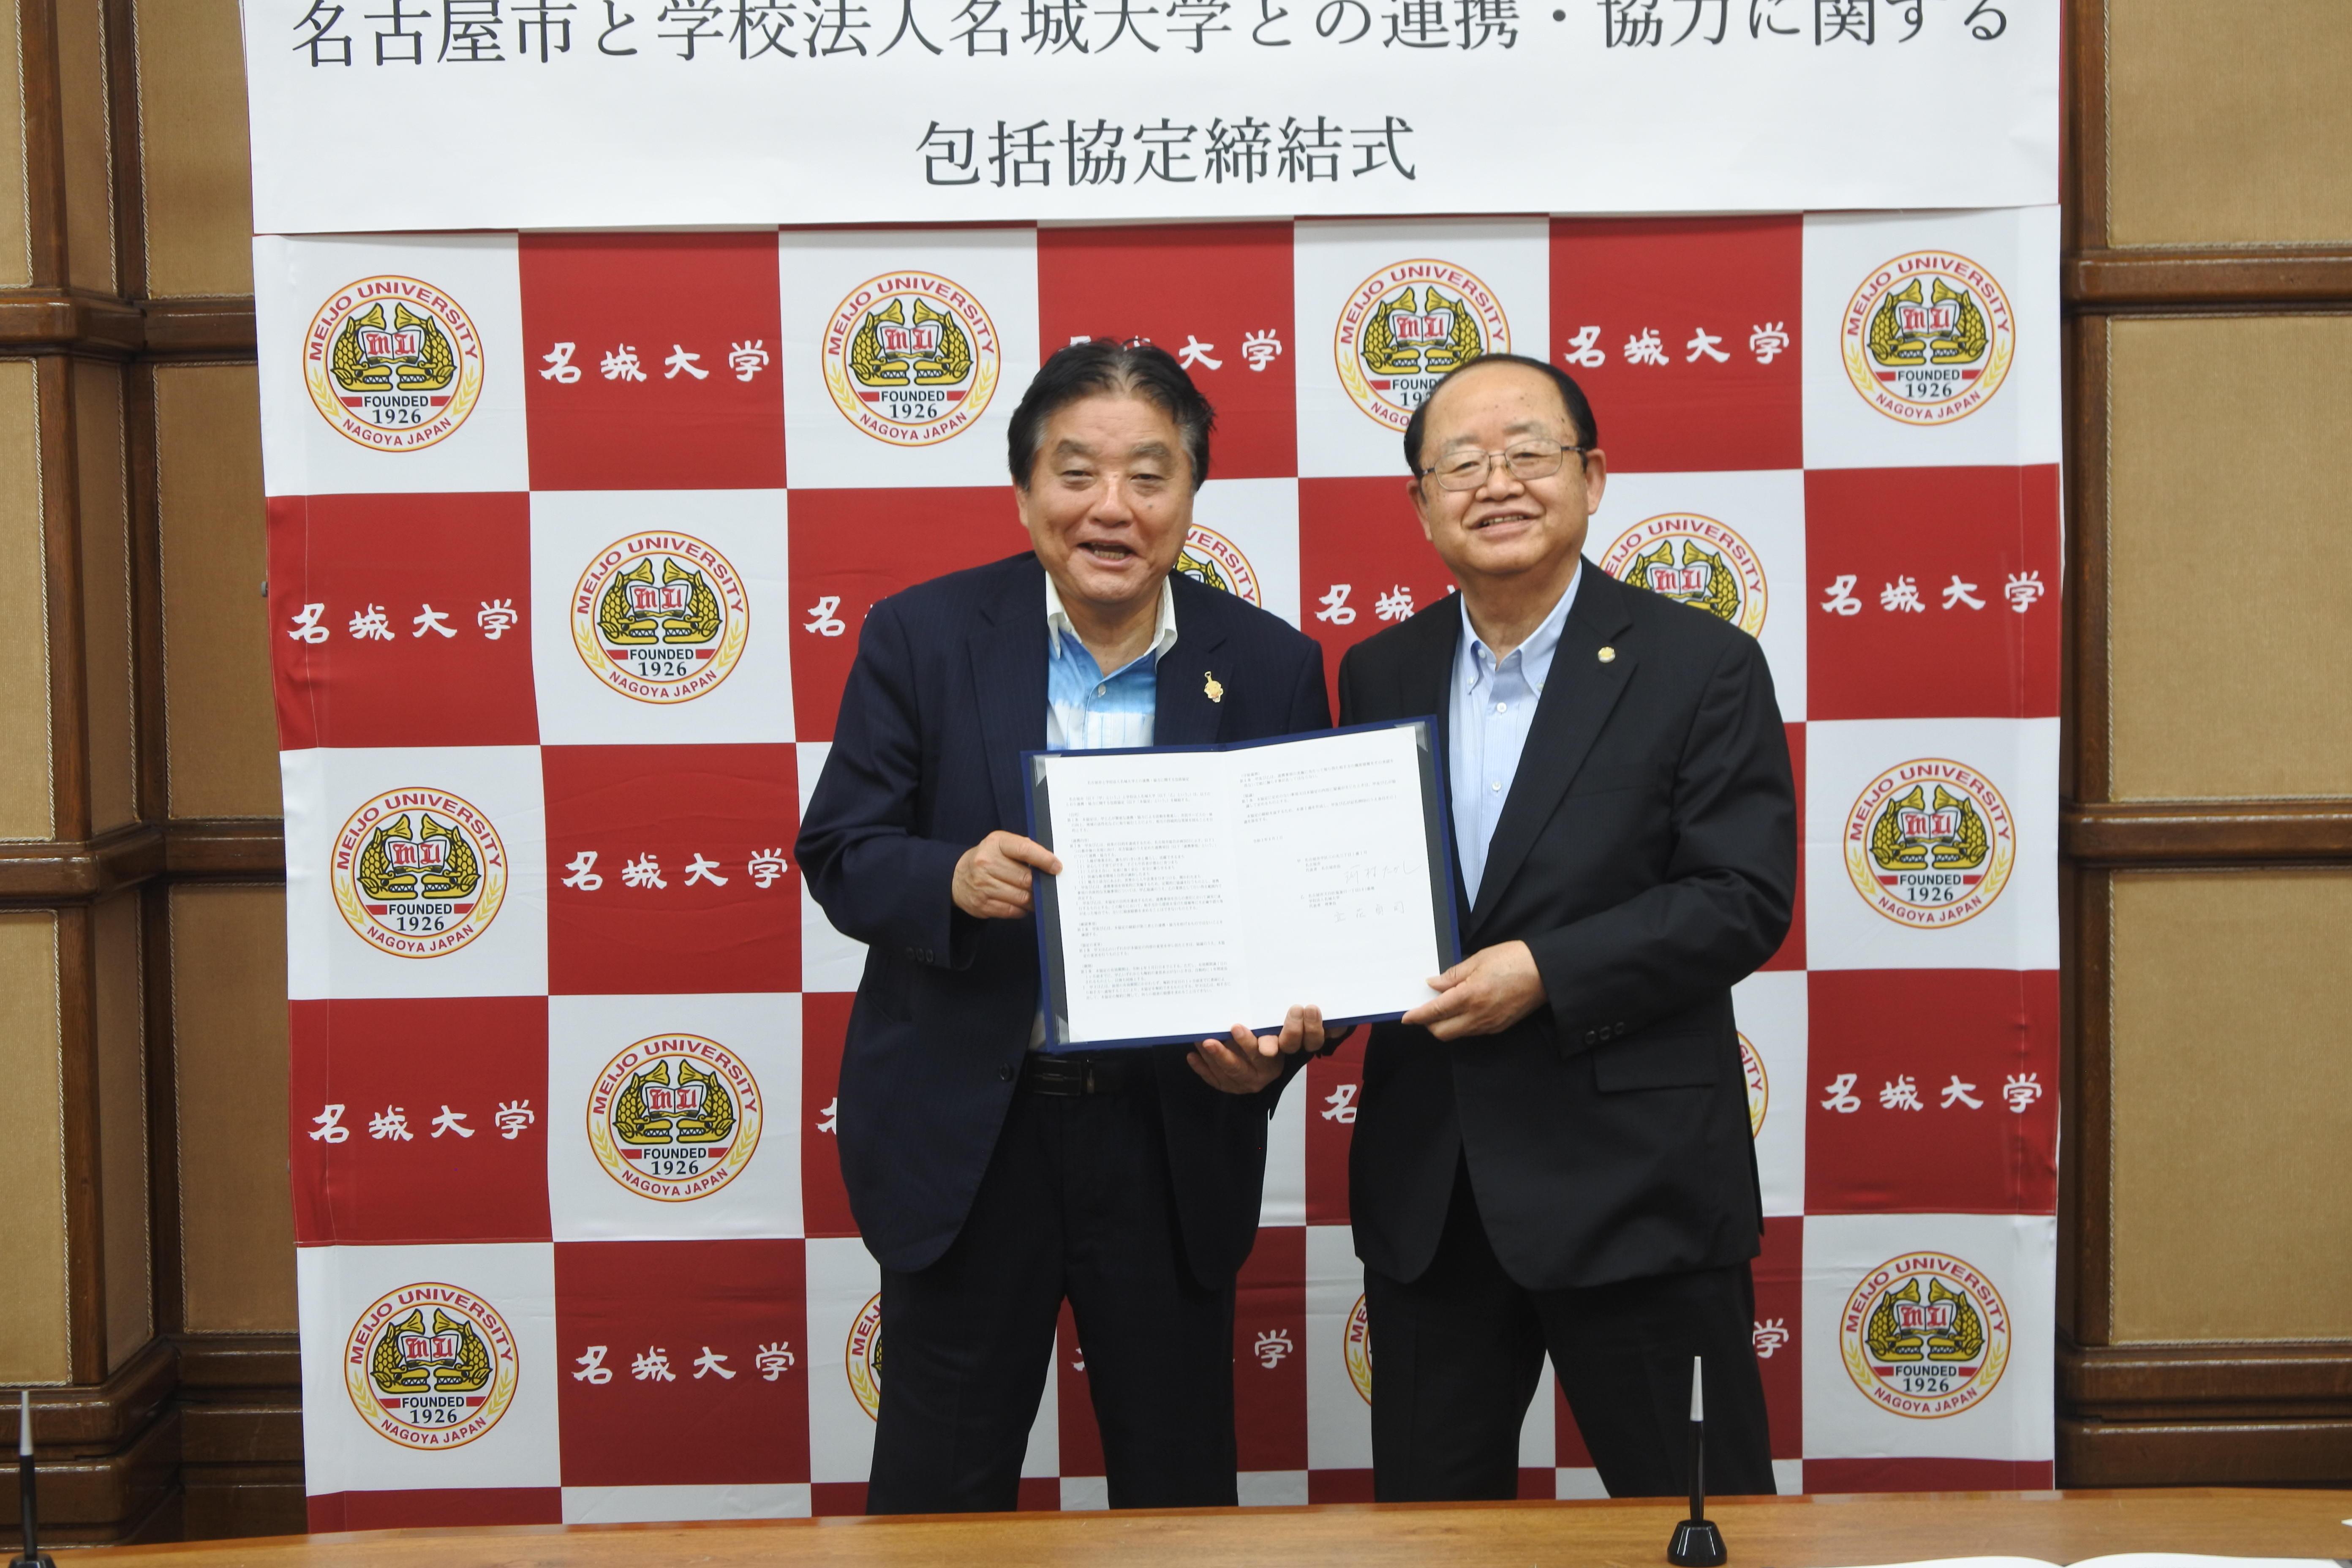 名城大学と名古屋市が連携・協力に関する包括協定を締結~相互の持続的発展を見据えて、地域活性化のための取り組みに着手~